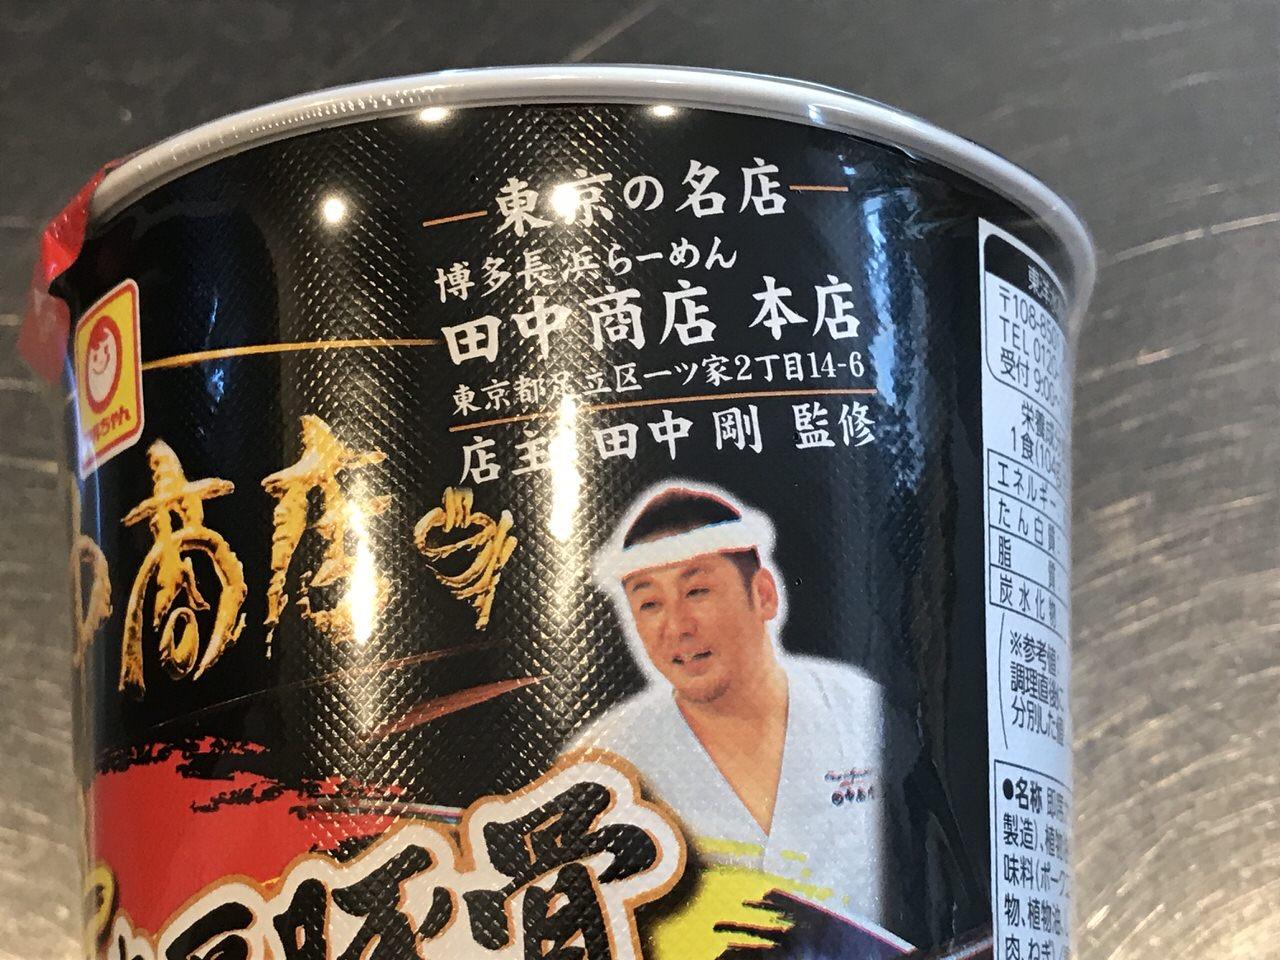 懐かしさに思わず買った「田中商店 旨辛濃厚豚骨」